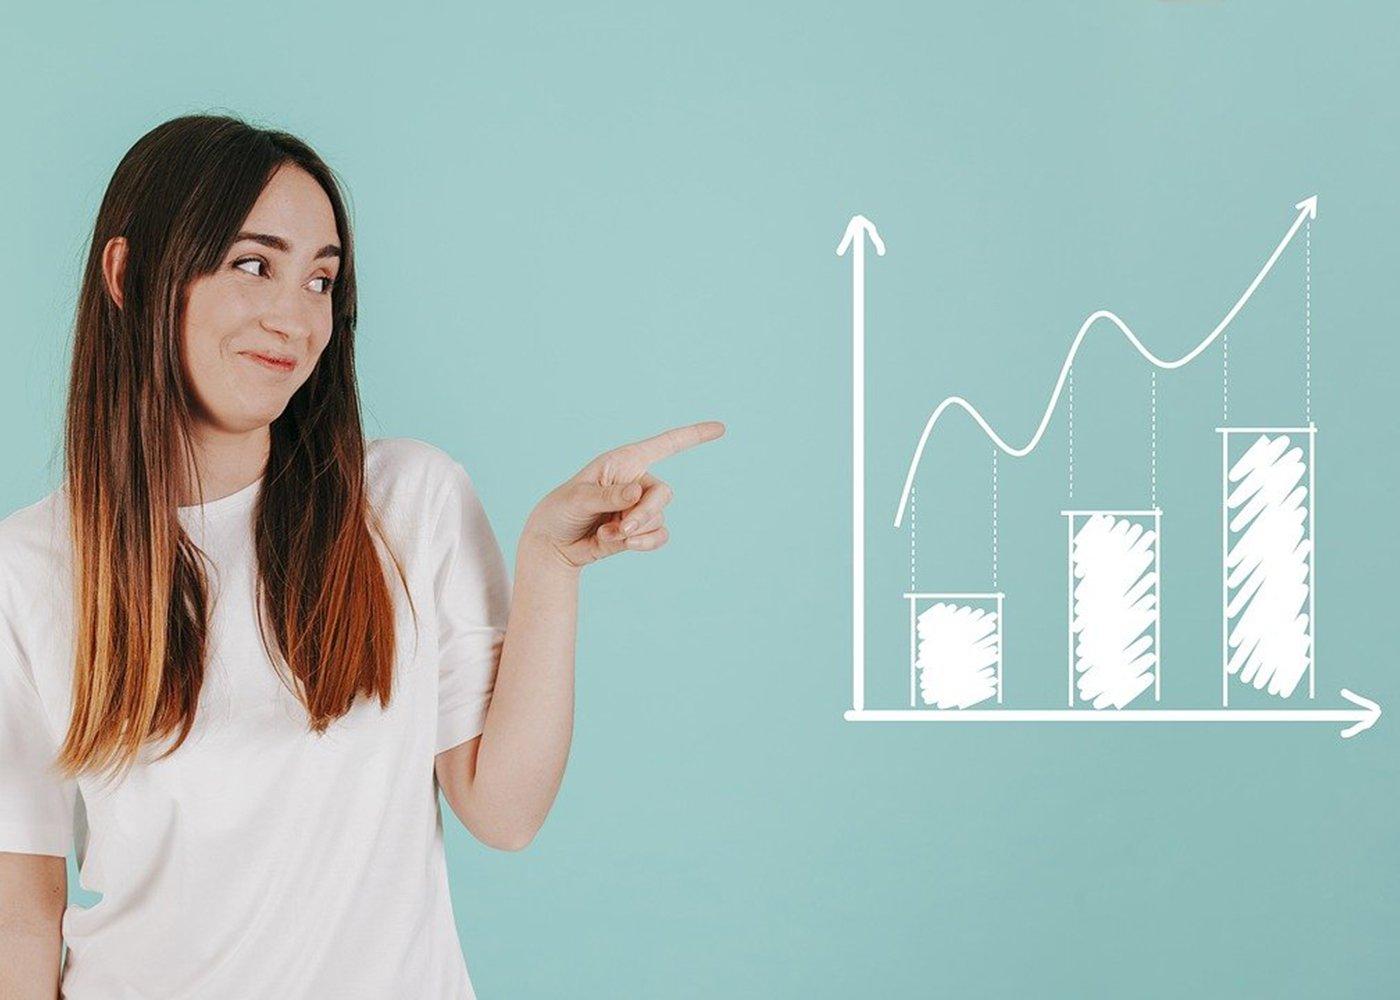 La cuenta de resultados de la empresa, una oportunidad para el emprendedor